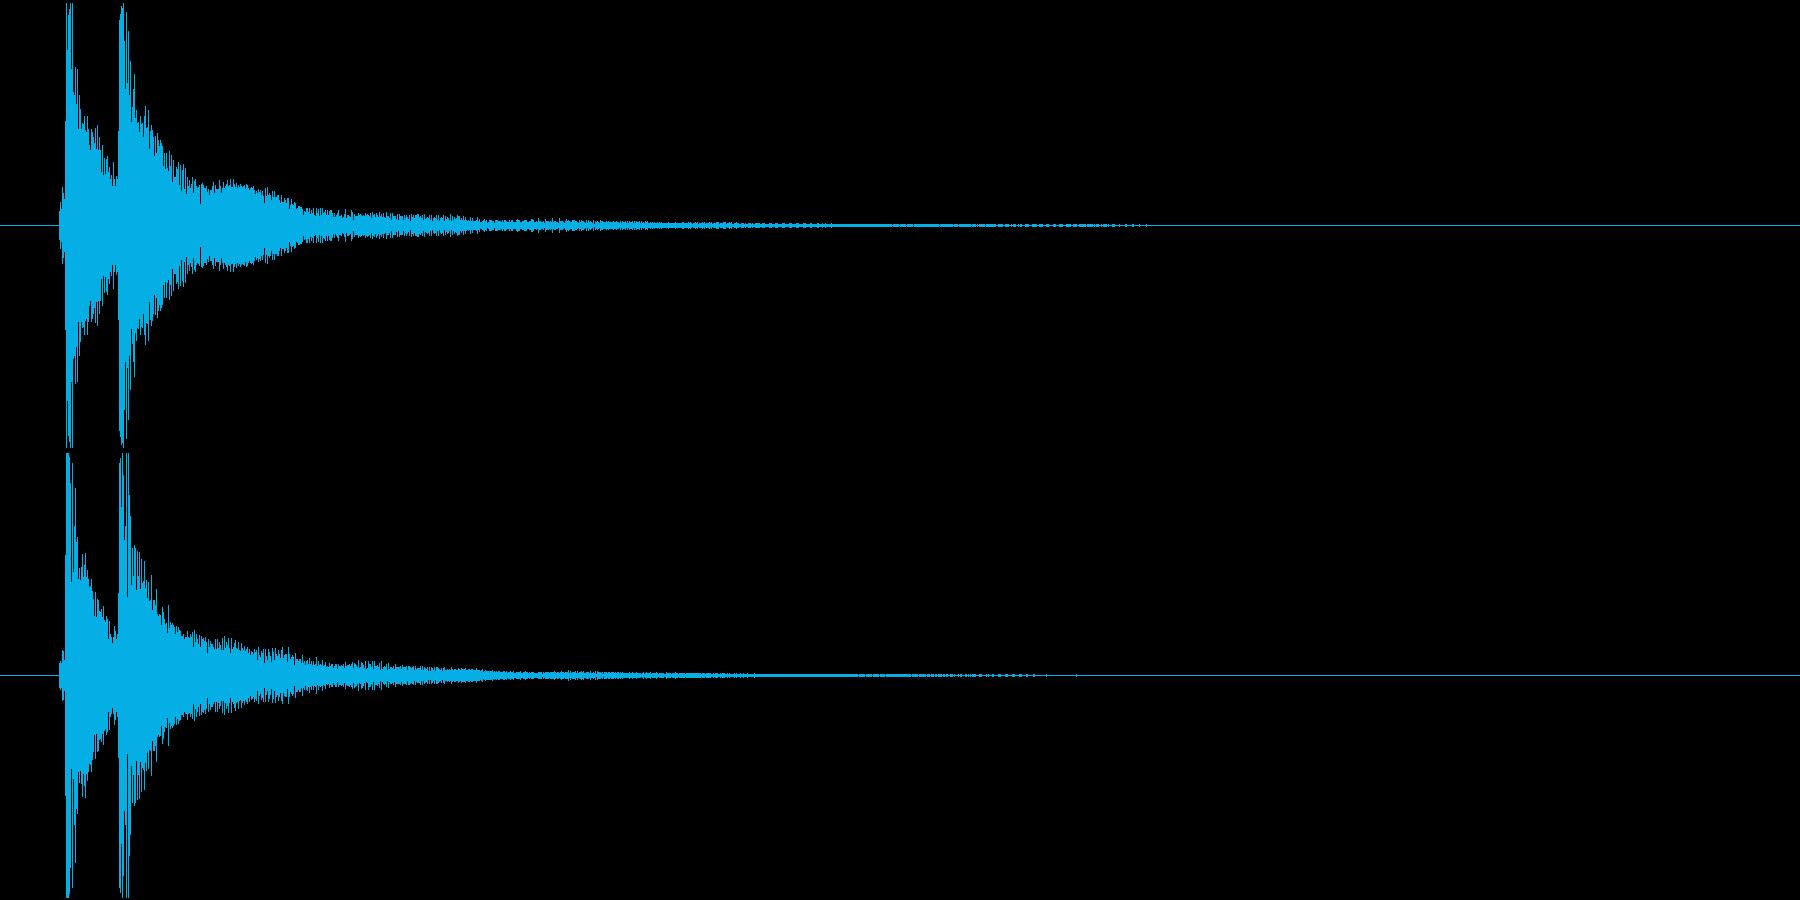 ベンベン (三味線)の再生済みの波形